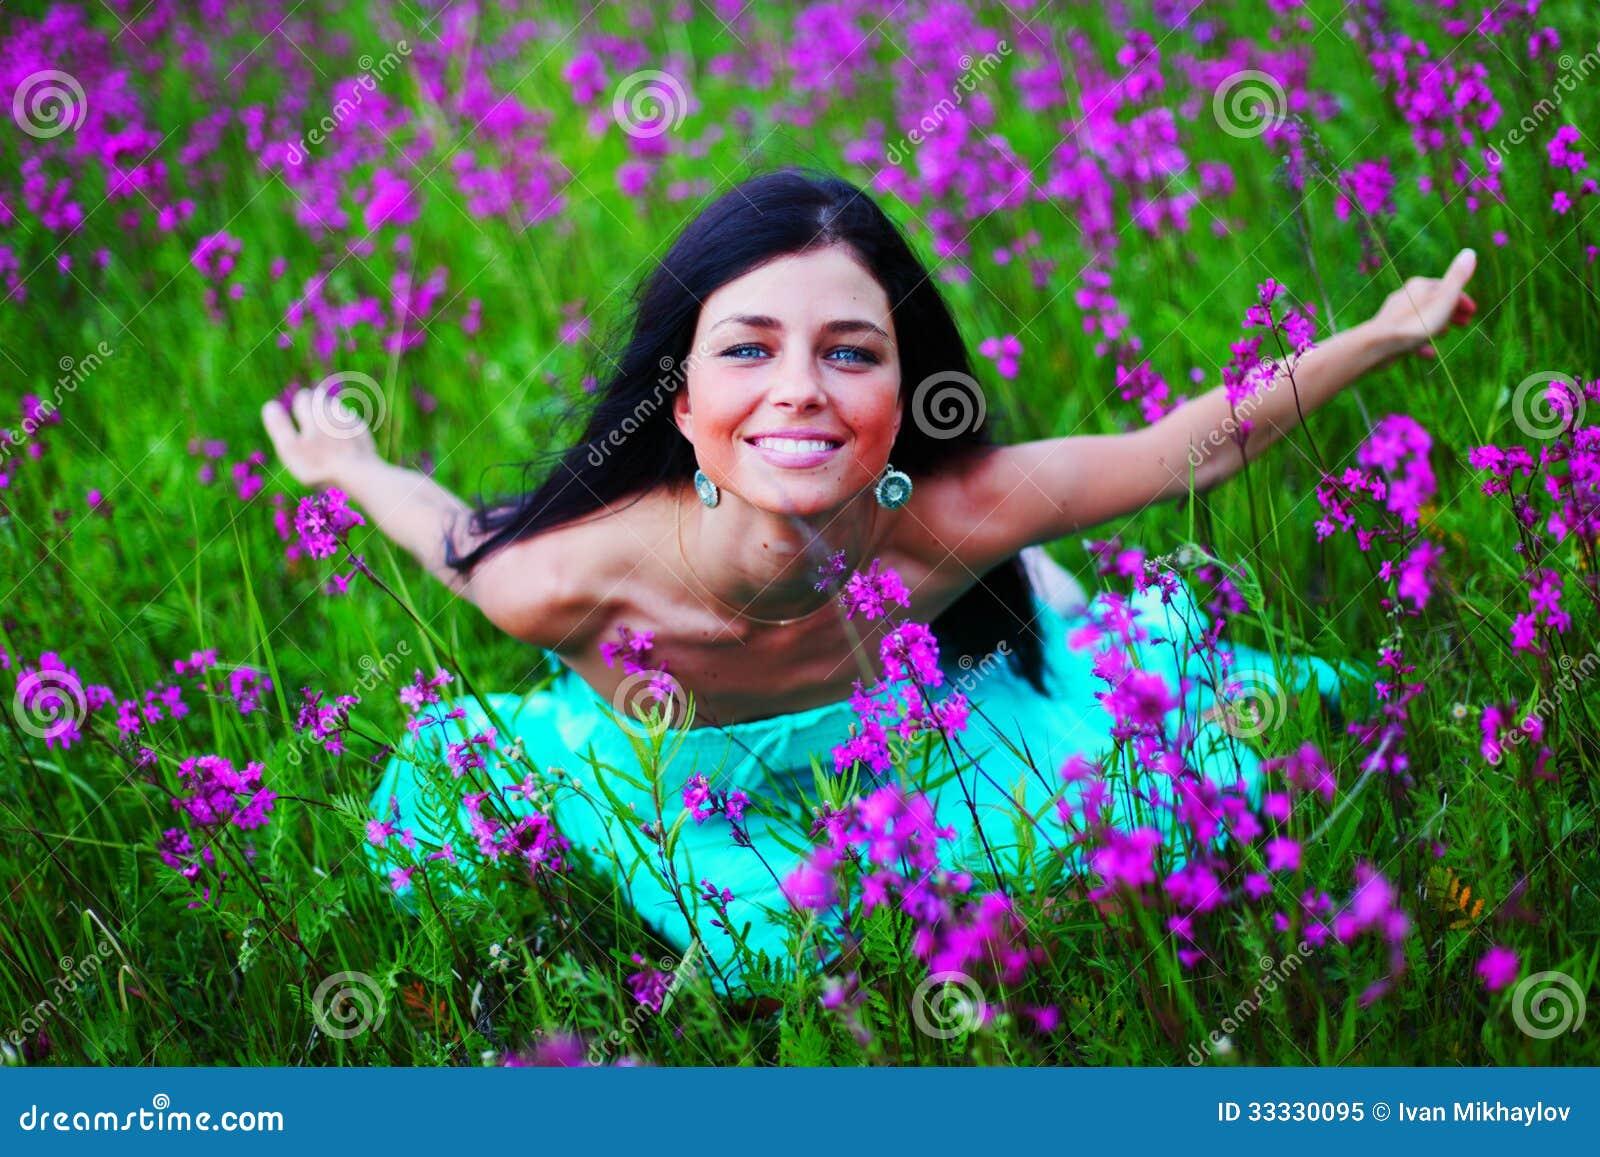 фотосъемка цветов для стоков поздравительные открытки, картинки